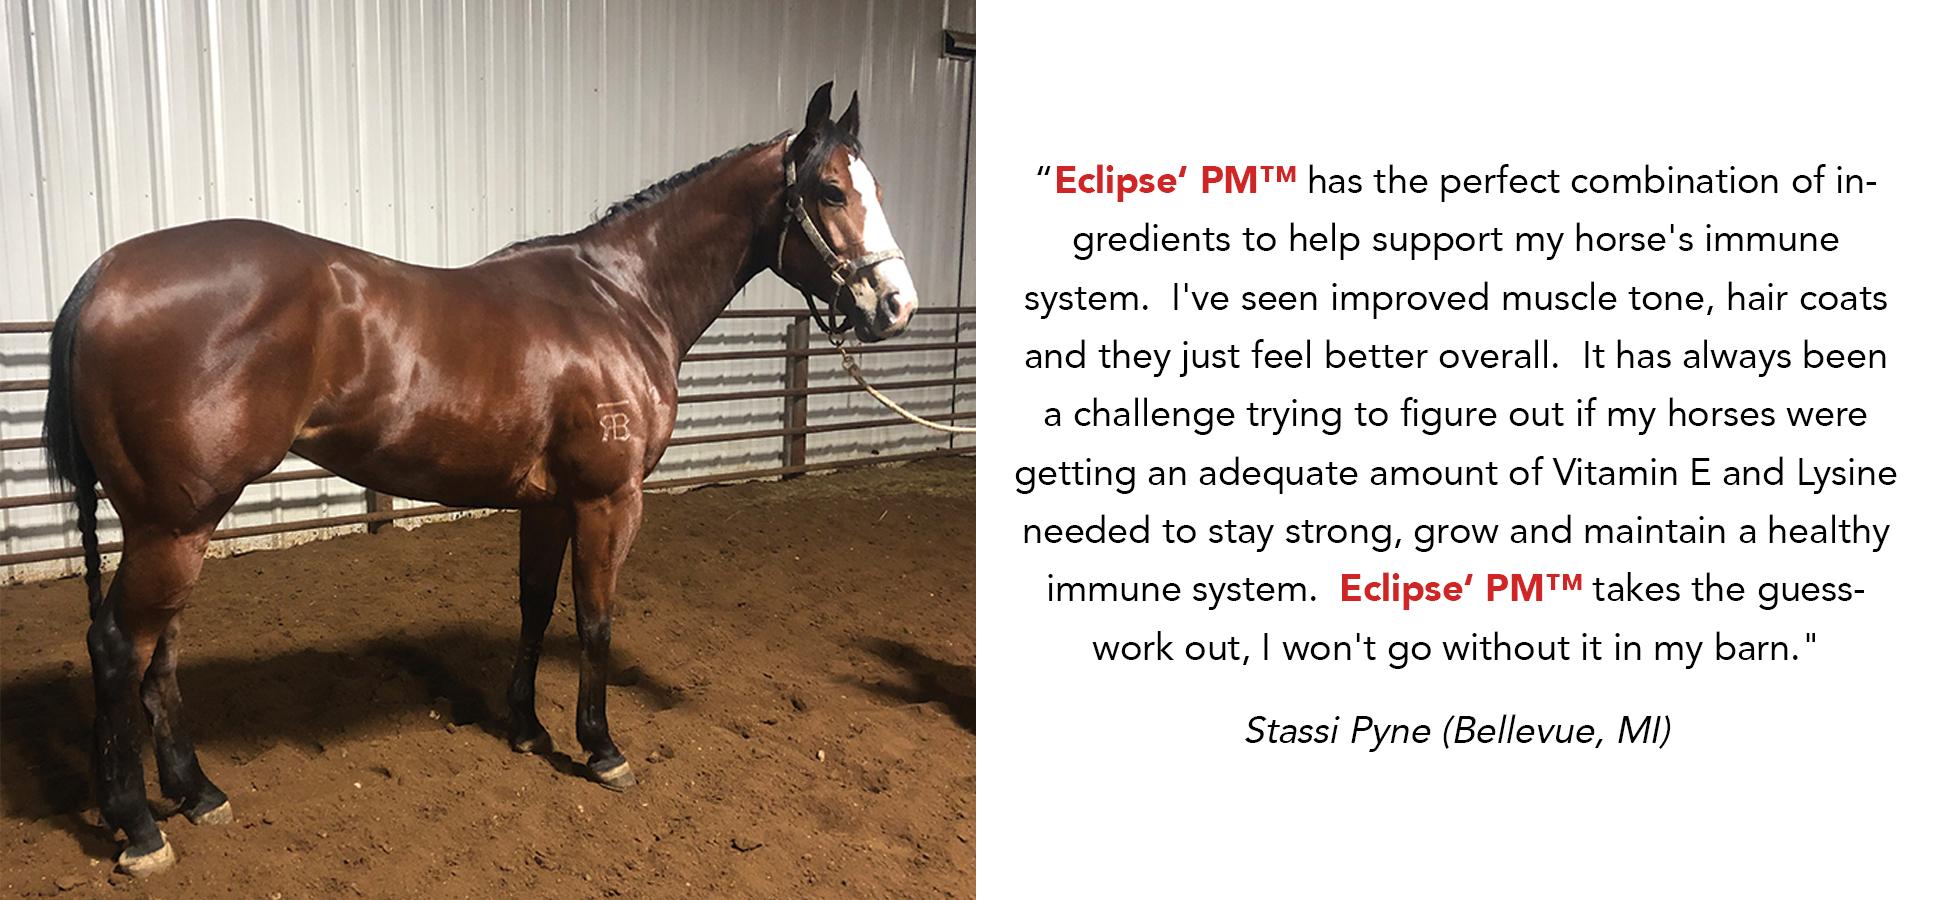 eclipsetestimony-stassipyne-2020.rev.jpg